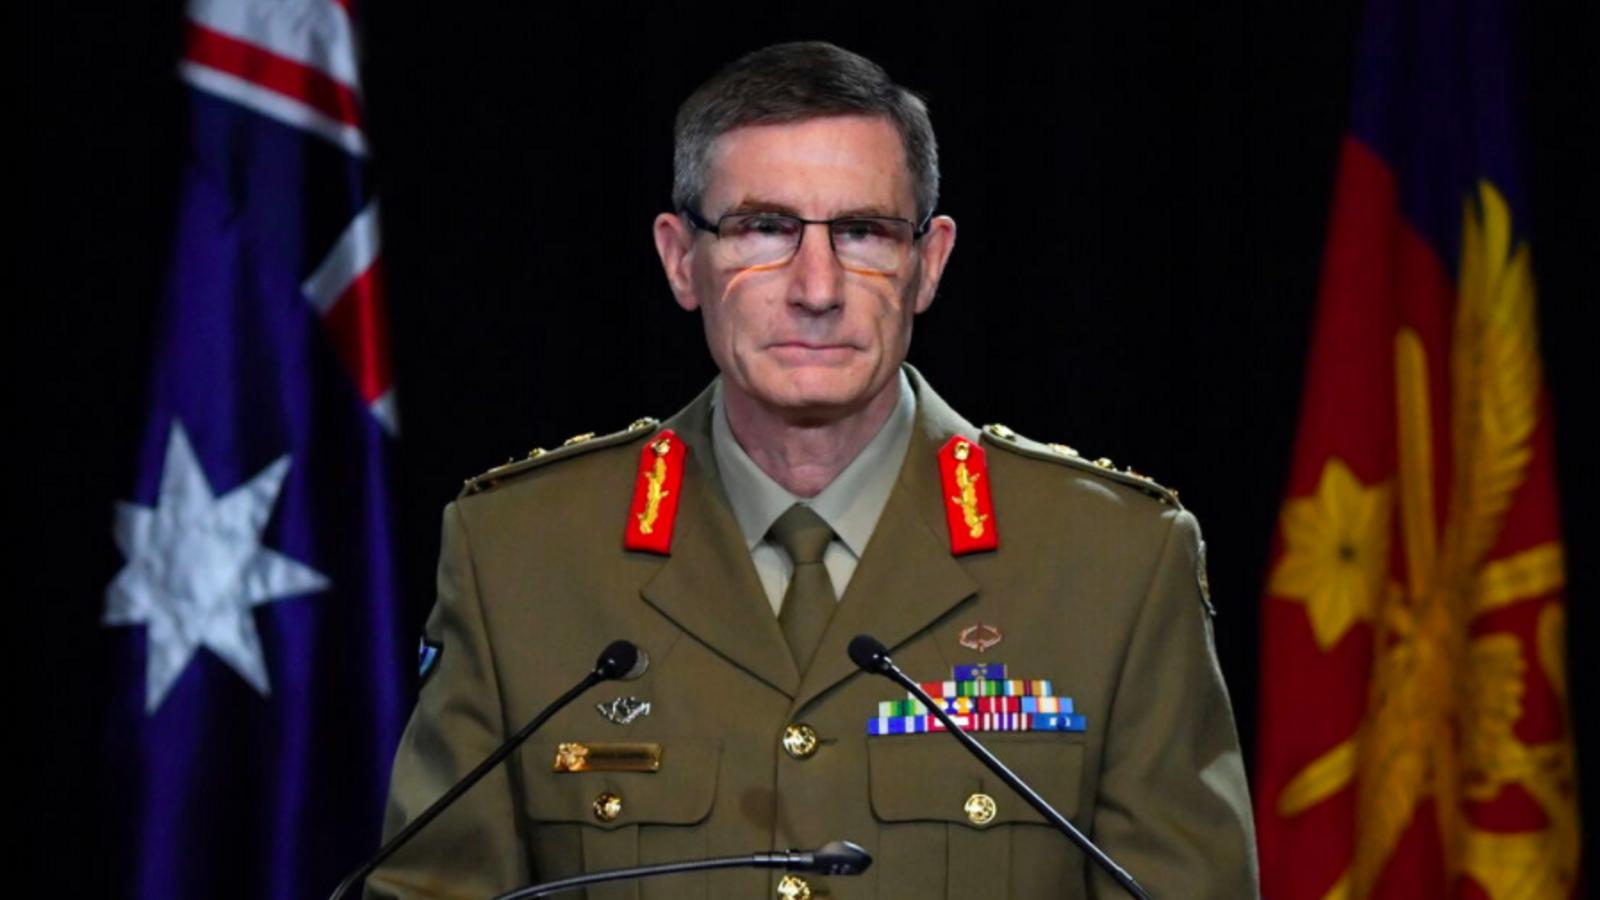 Soldats australians van assassinar almenys 39 civils desarmats a l'Afganistan